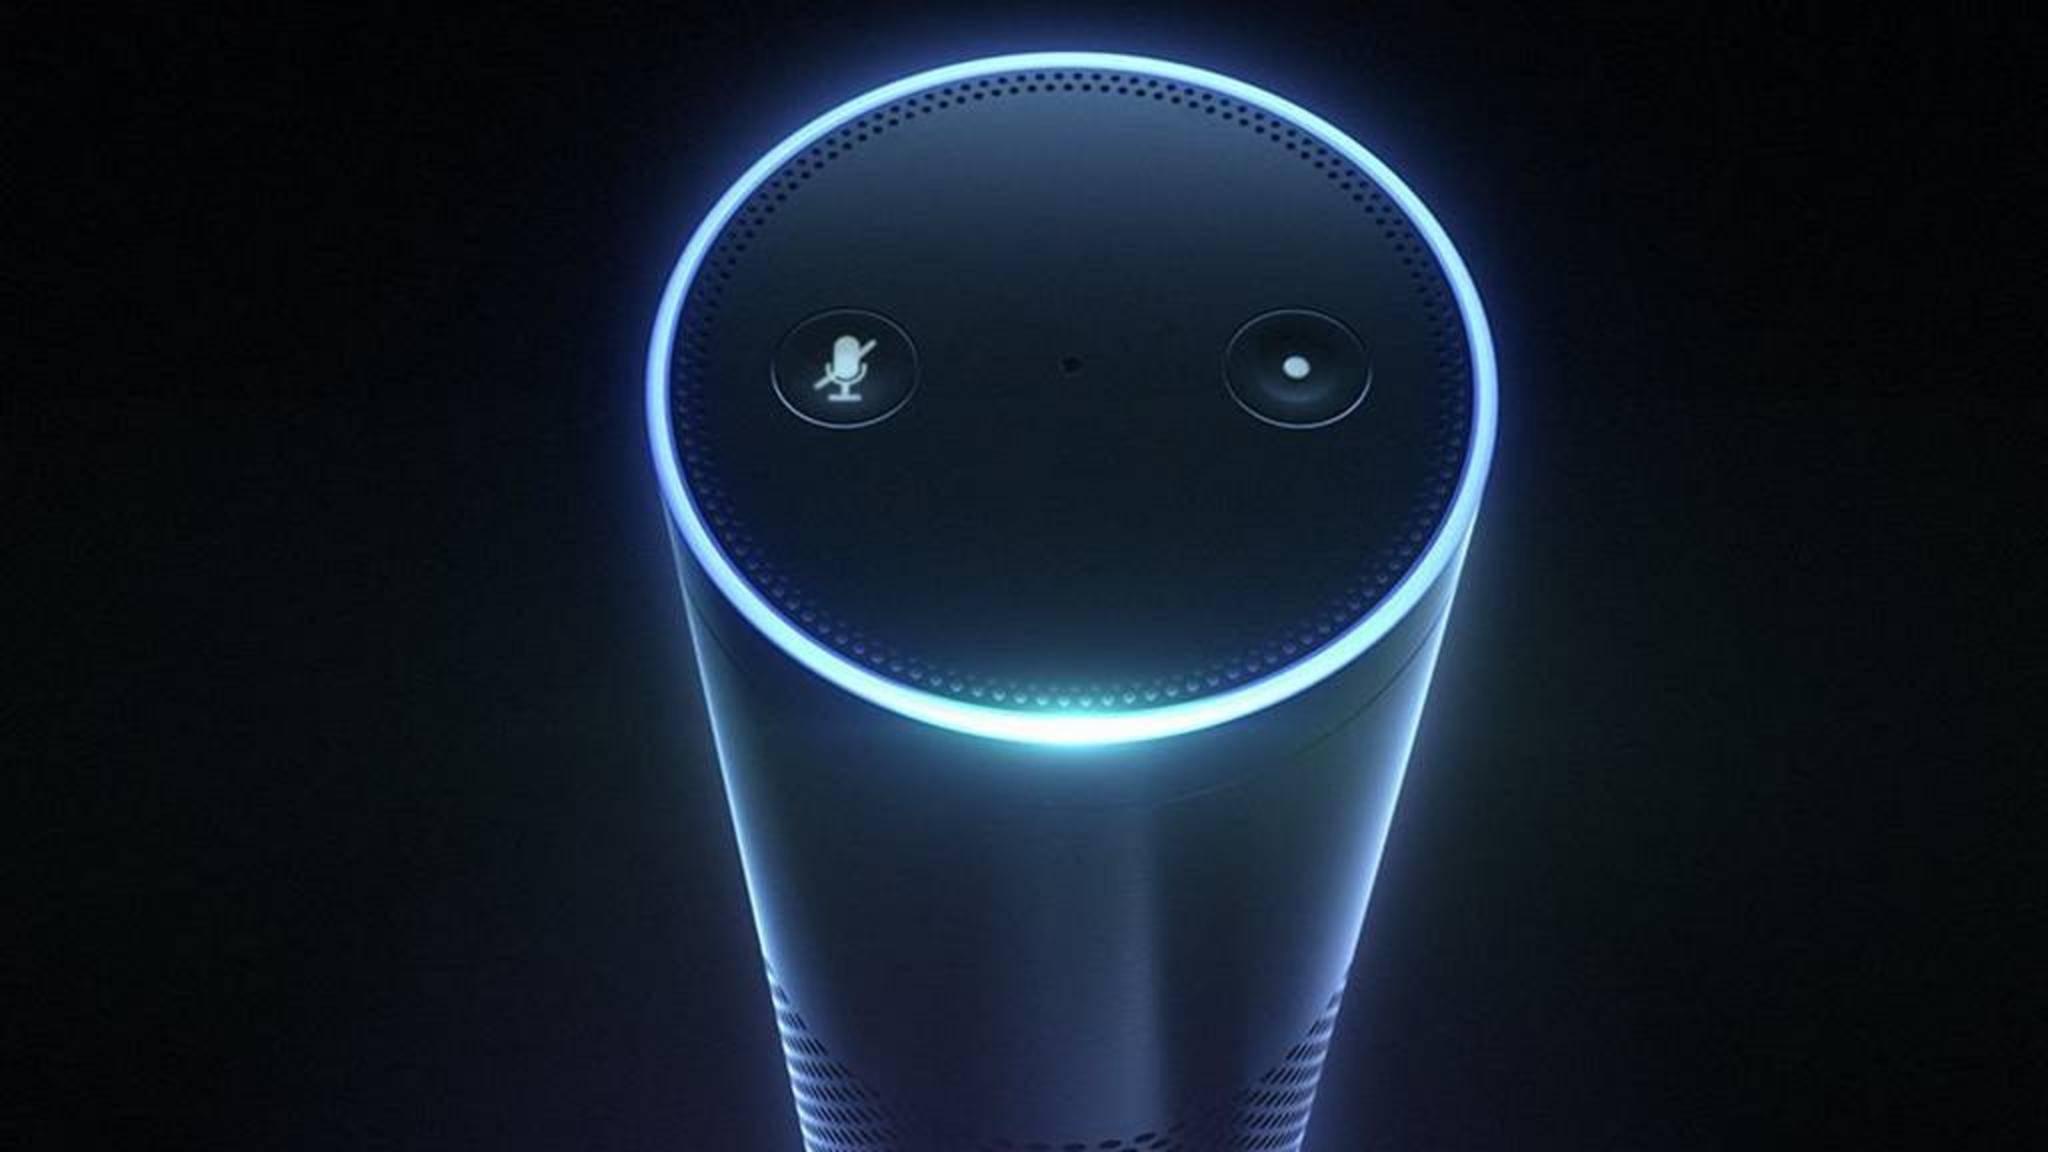 Amazons Echo-Lautsprecher und die virtuelle Assistentin Alexa sollen demnächst verschiedene Nutzer an der Stimme erkennen können.